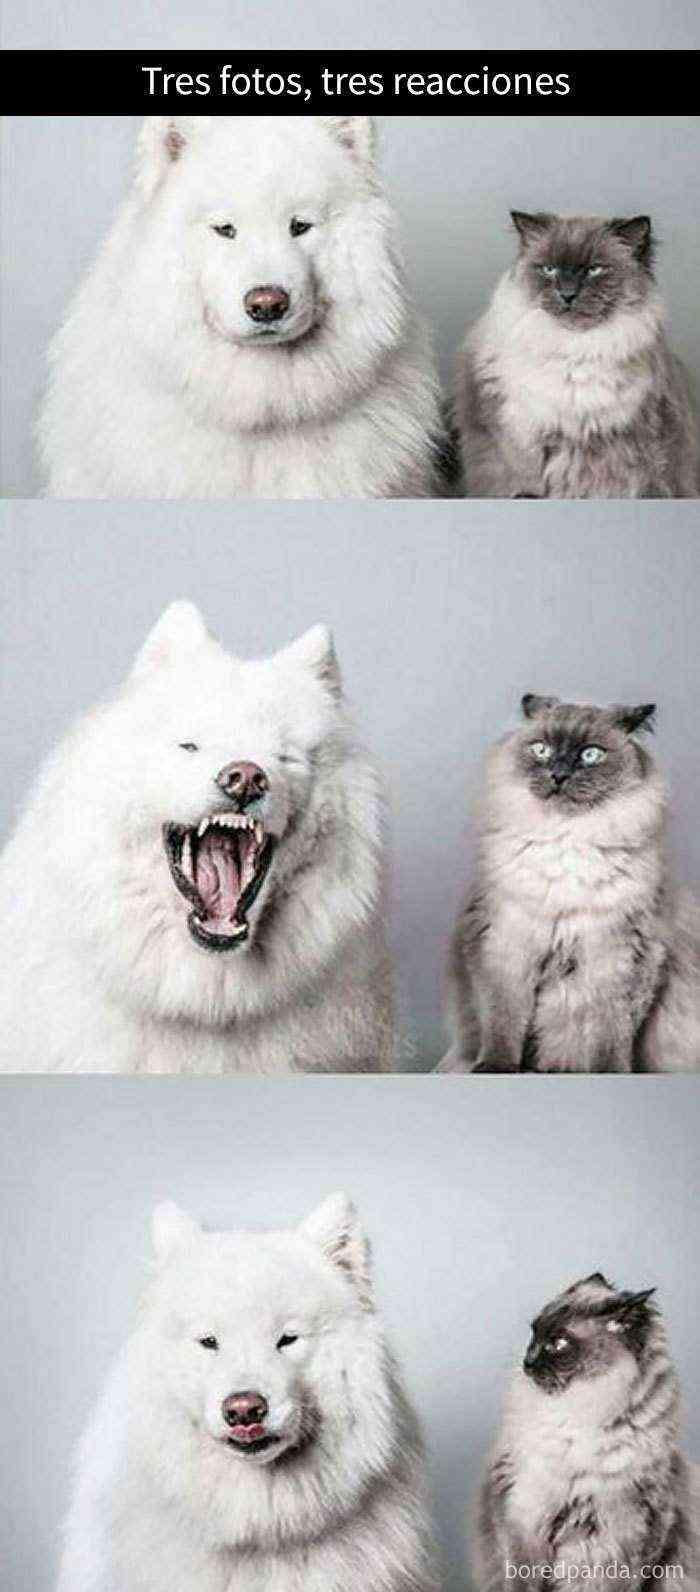 1527857618 779 25 divertidos snapchats de gatos que te sacaran una gran sonrisa nuevas imagenes - 25 Divertidos snapchats de gatos que te sacarán una gran sonrisa (Nuevas imágenes)